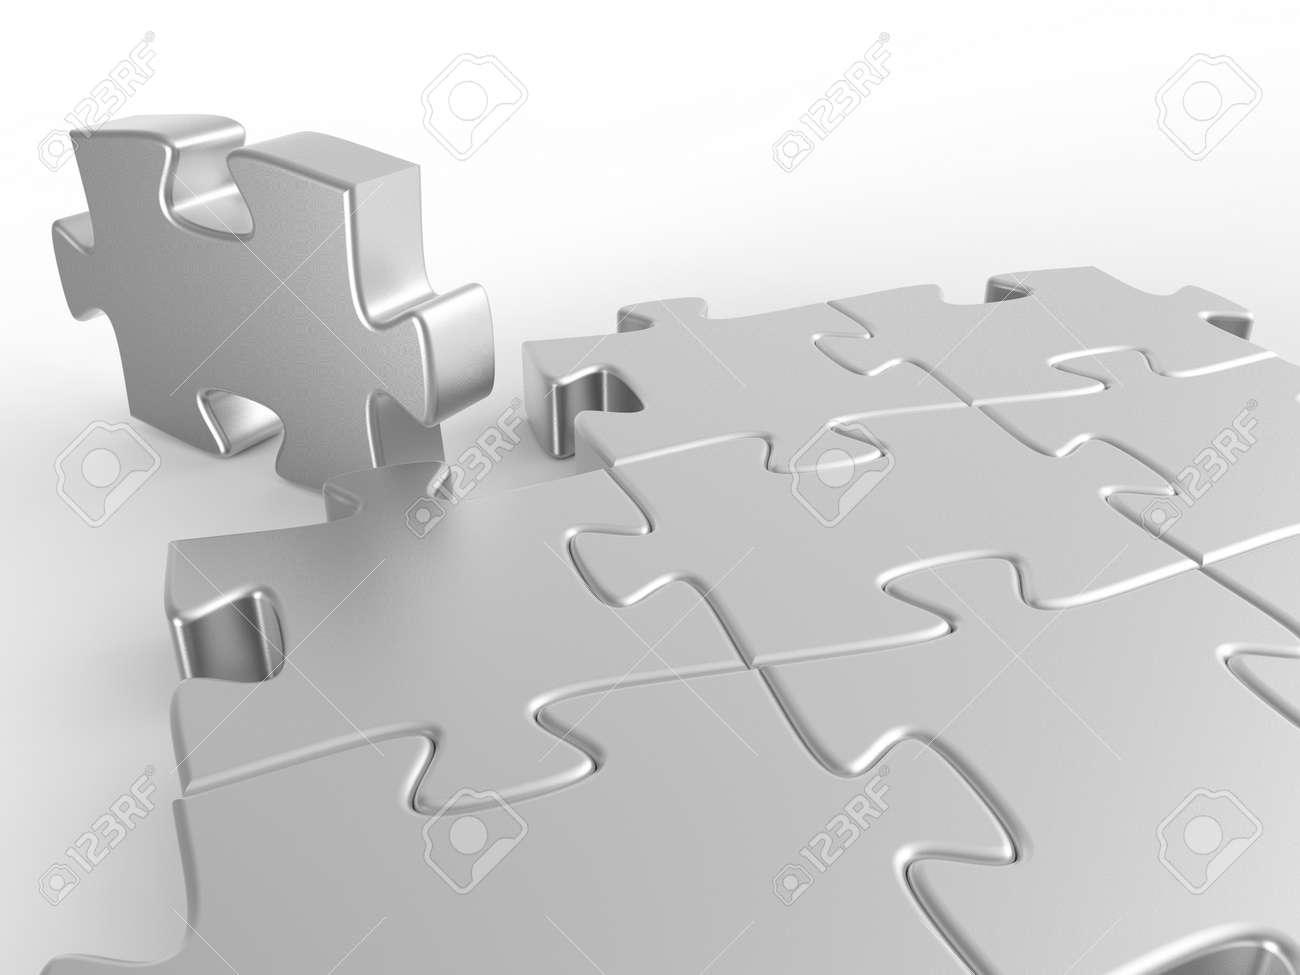 Puzzle. 3D illustration. 3D CG. - 153863881